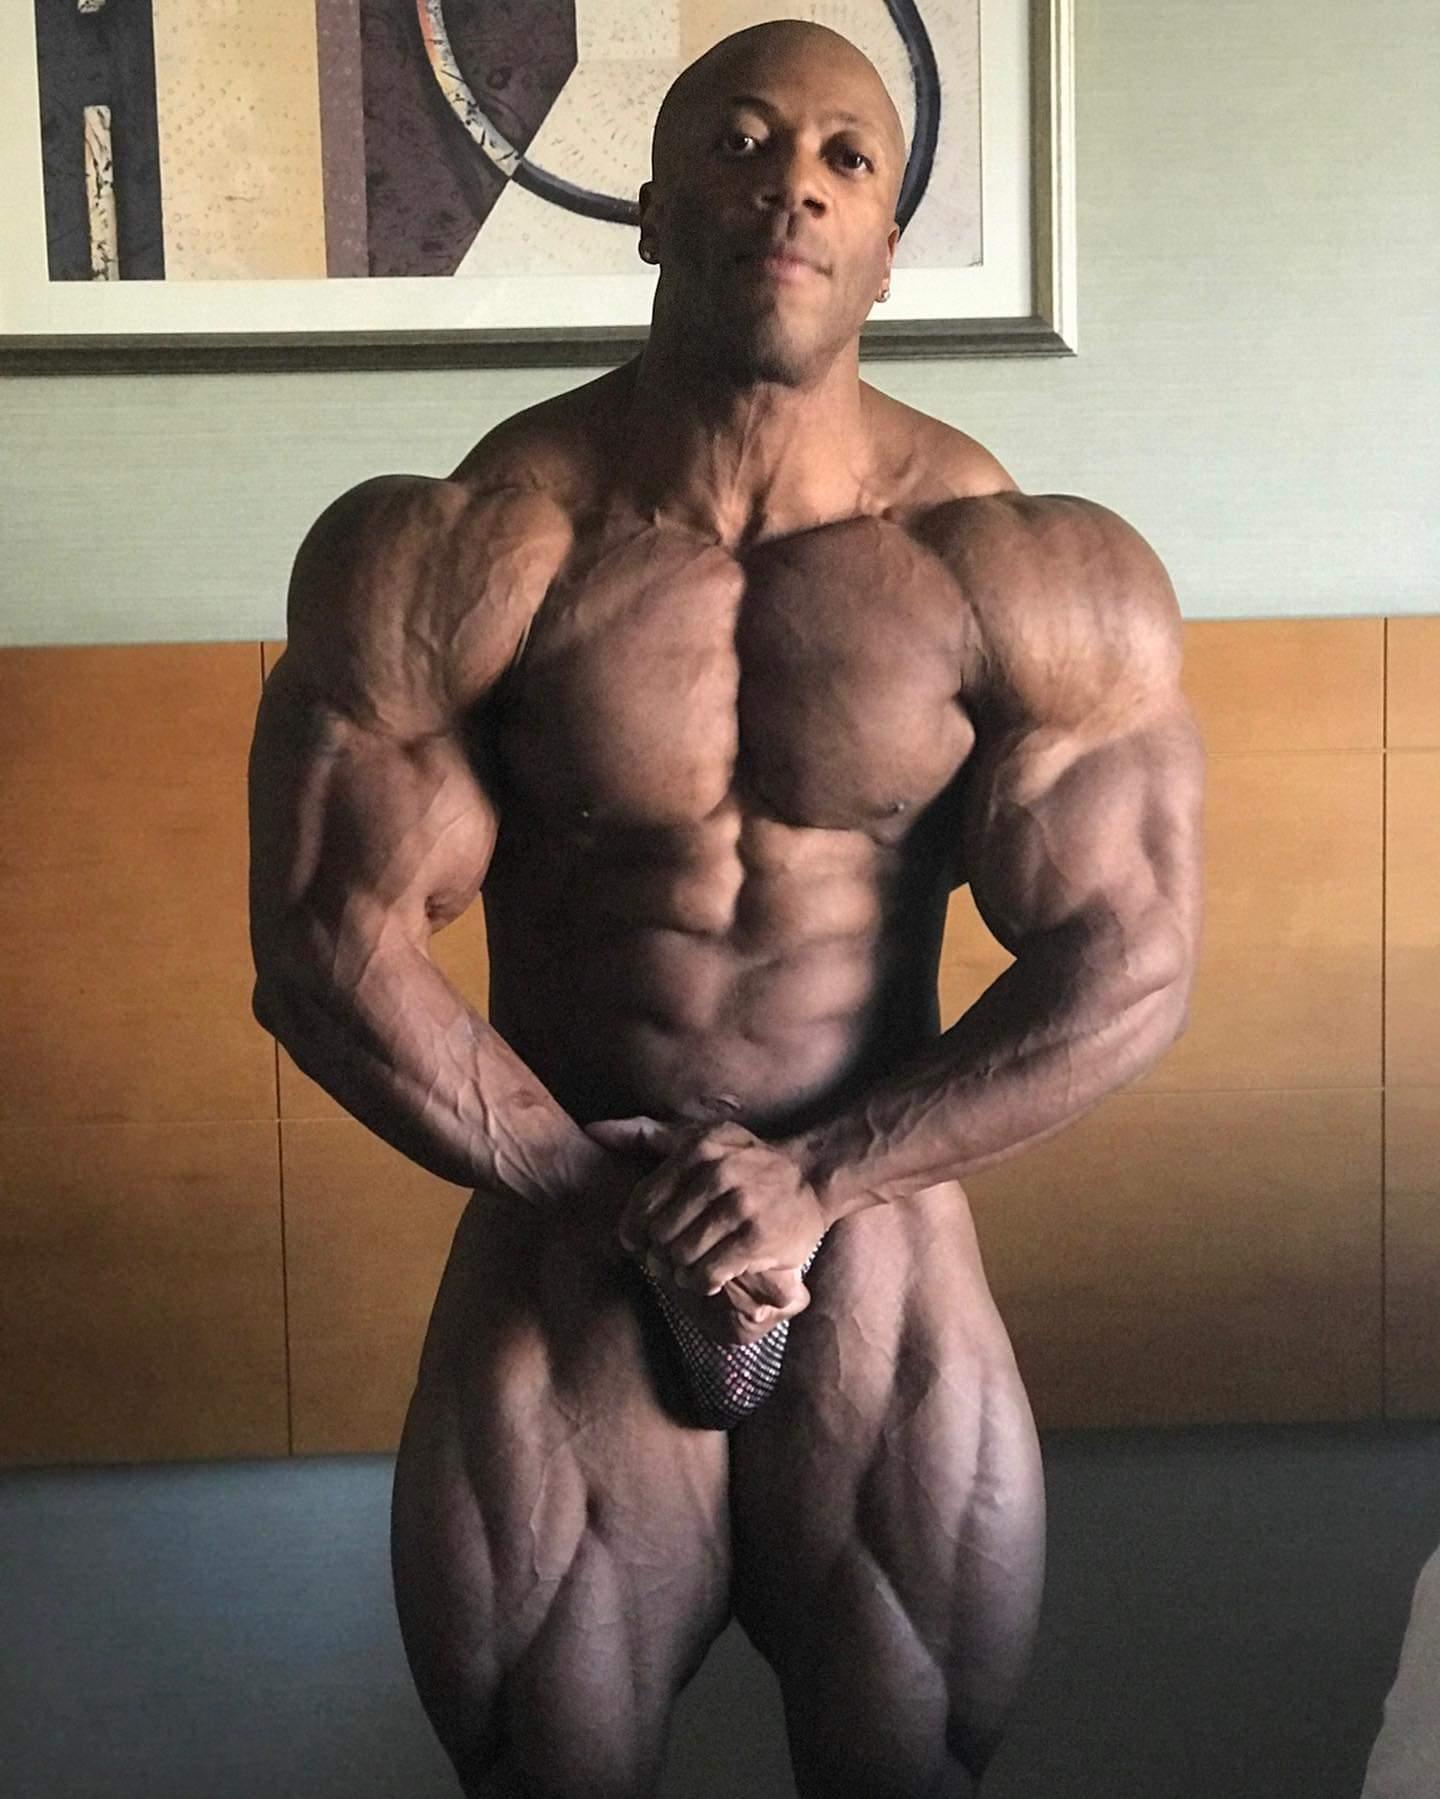 Shawn Rhoden del 9 novembre 2019 in offseason